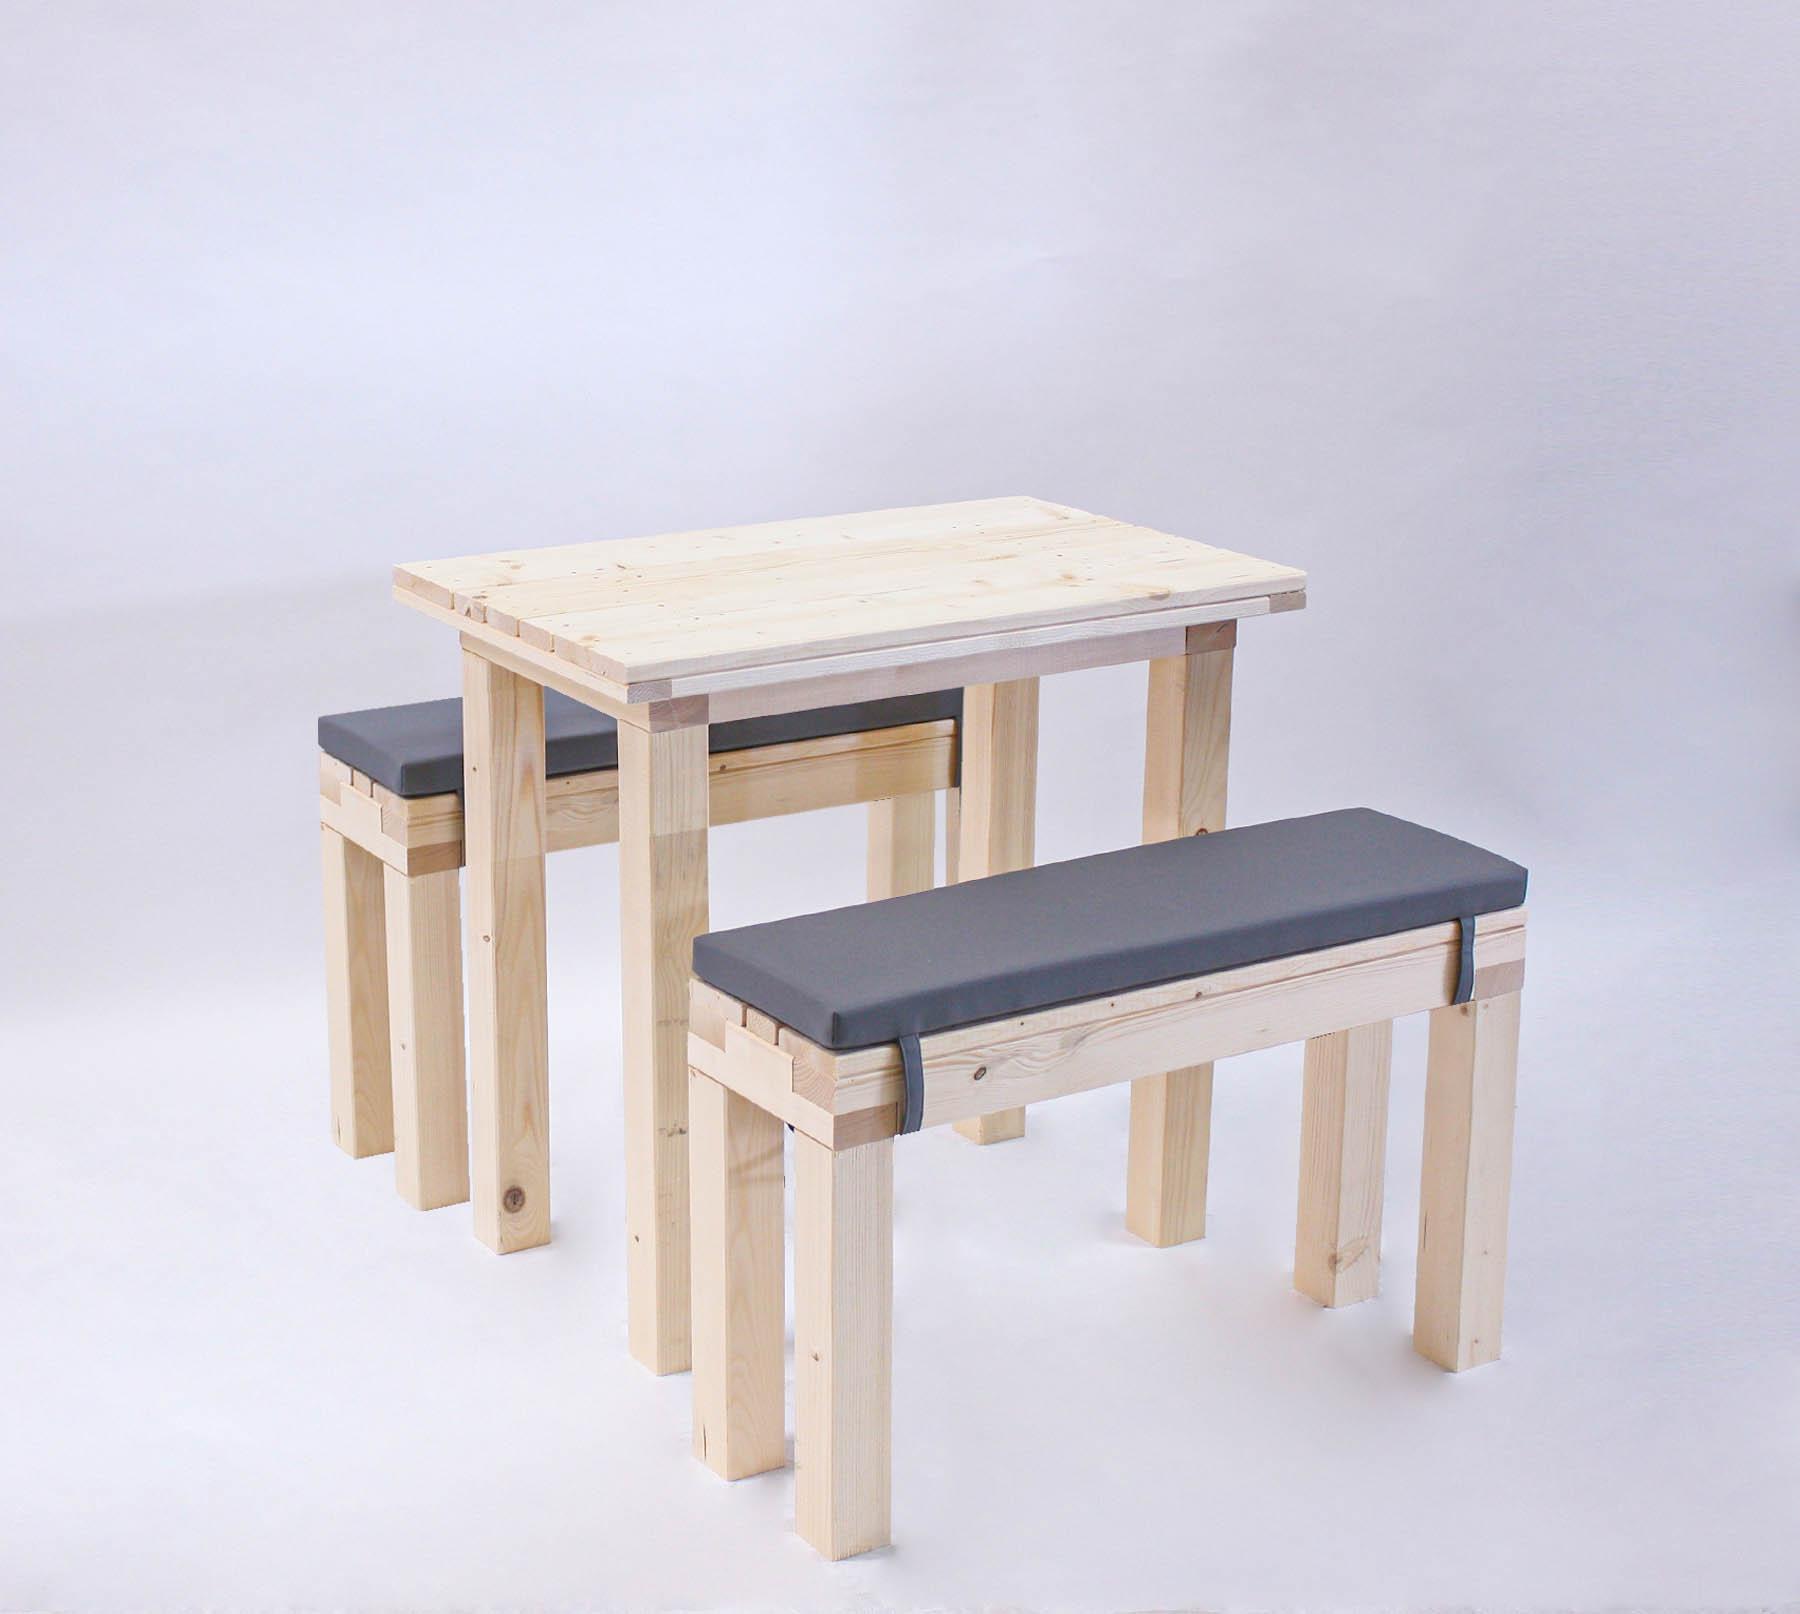 Sitzgarnitur KOMPAKT 4 Personen Tisch 80 cm bei SuperSack kaufen